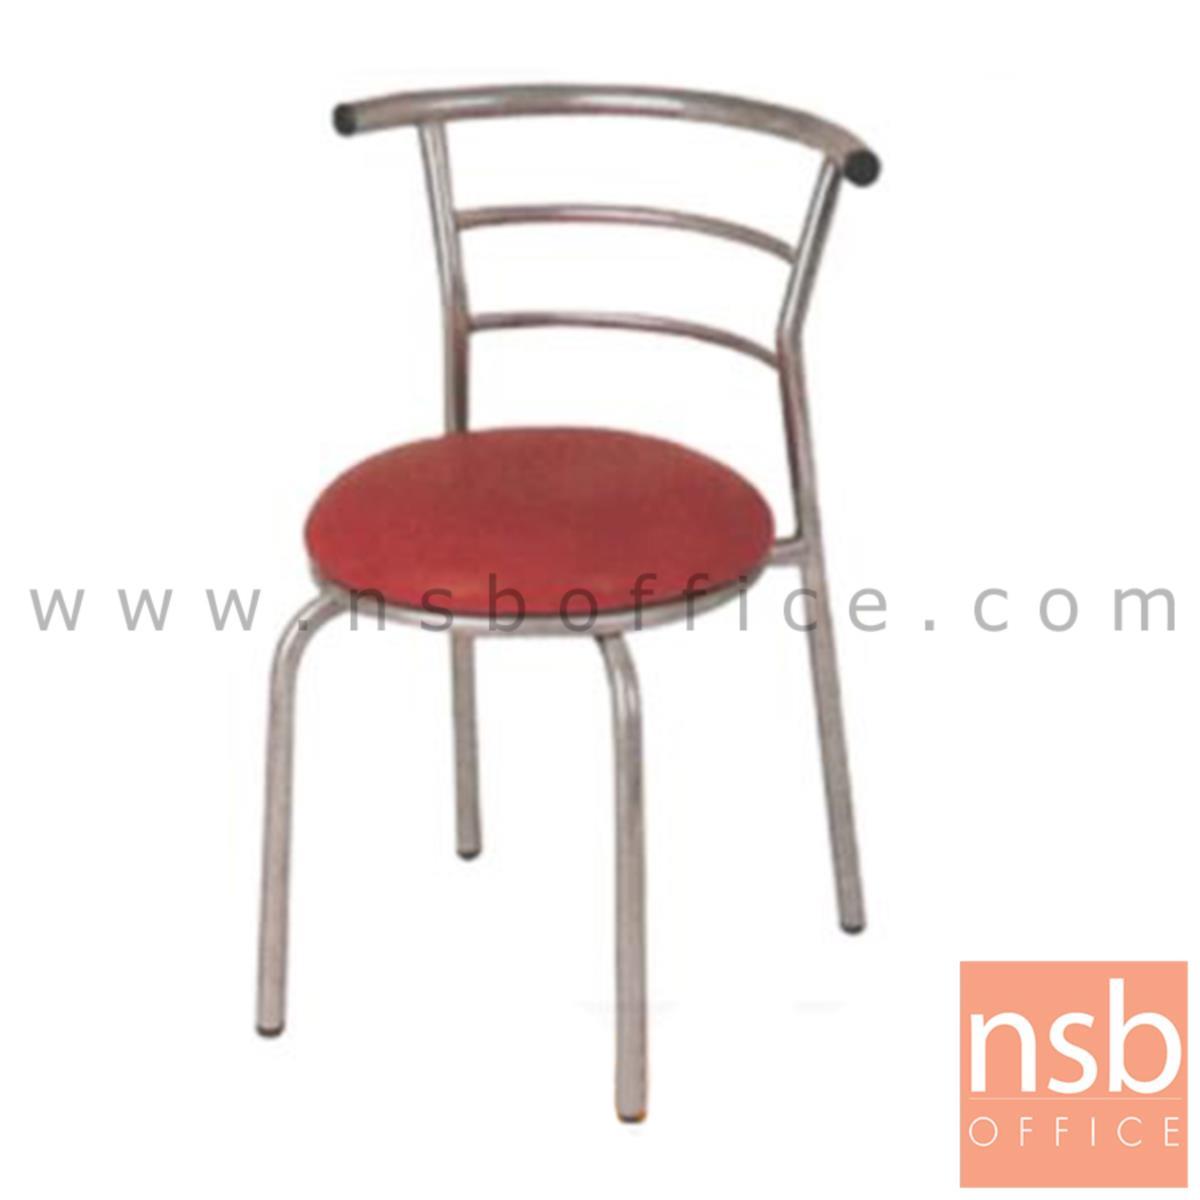 B05A077:เก้าอี้อเนกประสงค์ รุ่น  KSS-83A  ขาเหล็กชุบโครเมี่ยม